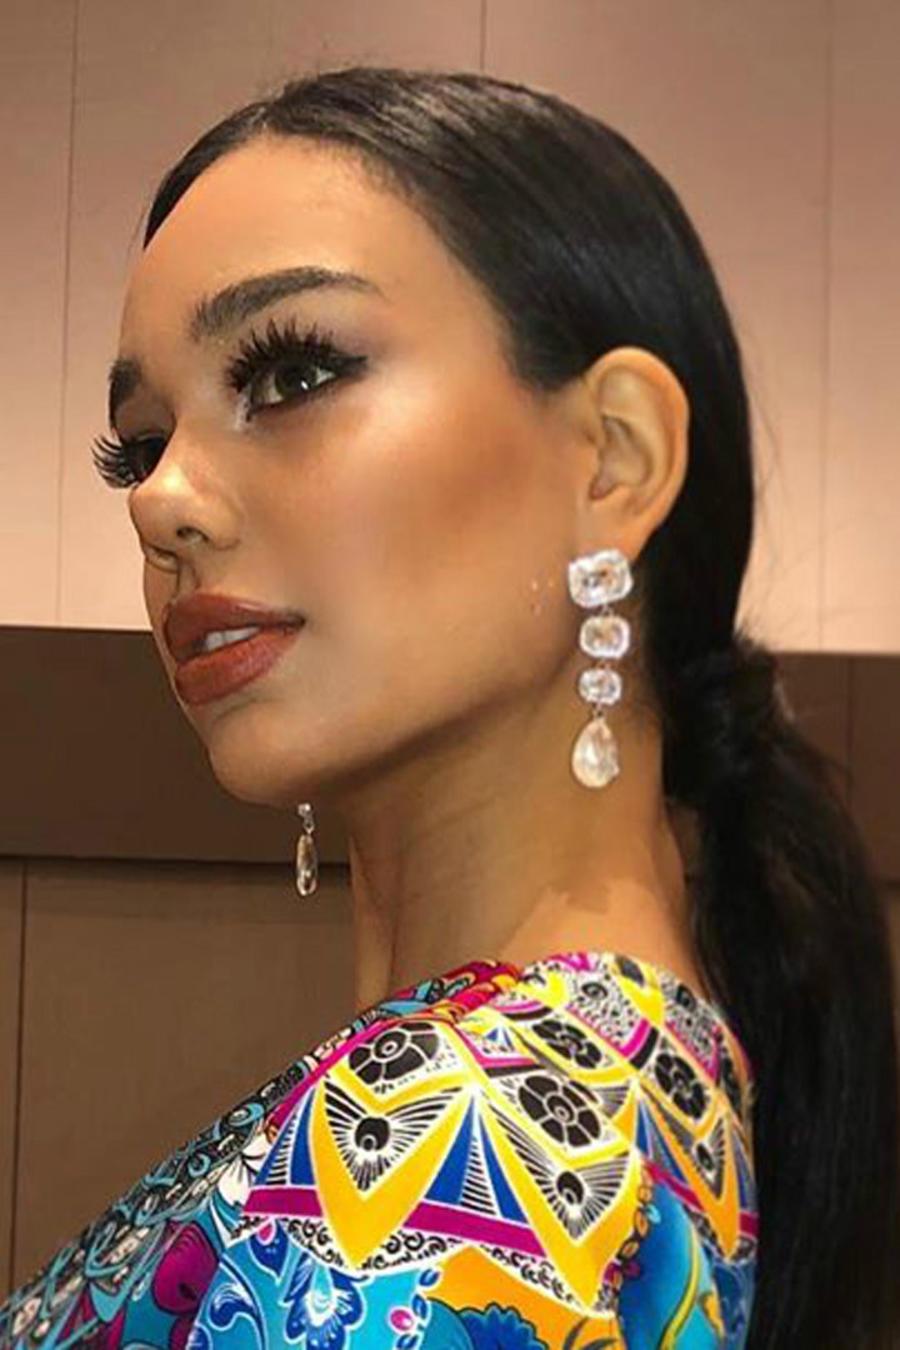 Geraldine González, Miss Chile 2019 con traje estampado diseñado por Kendry Mora